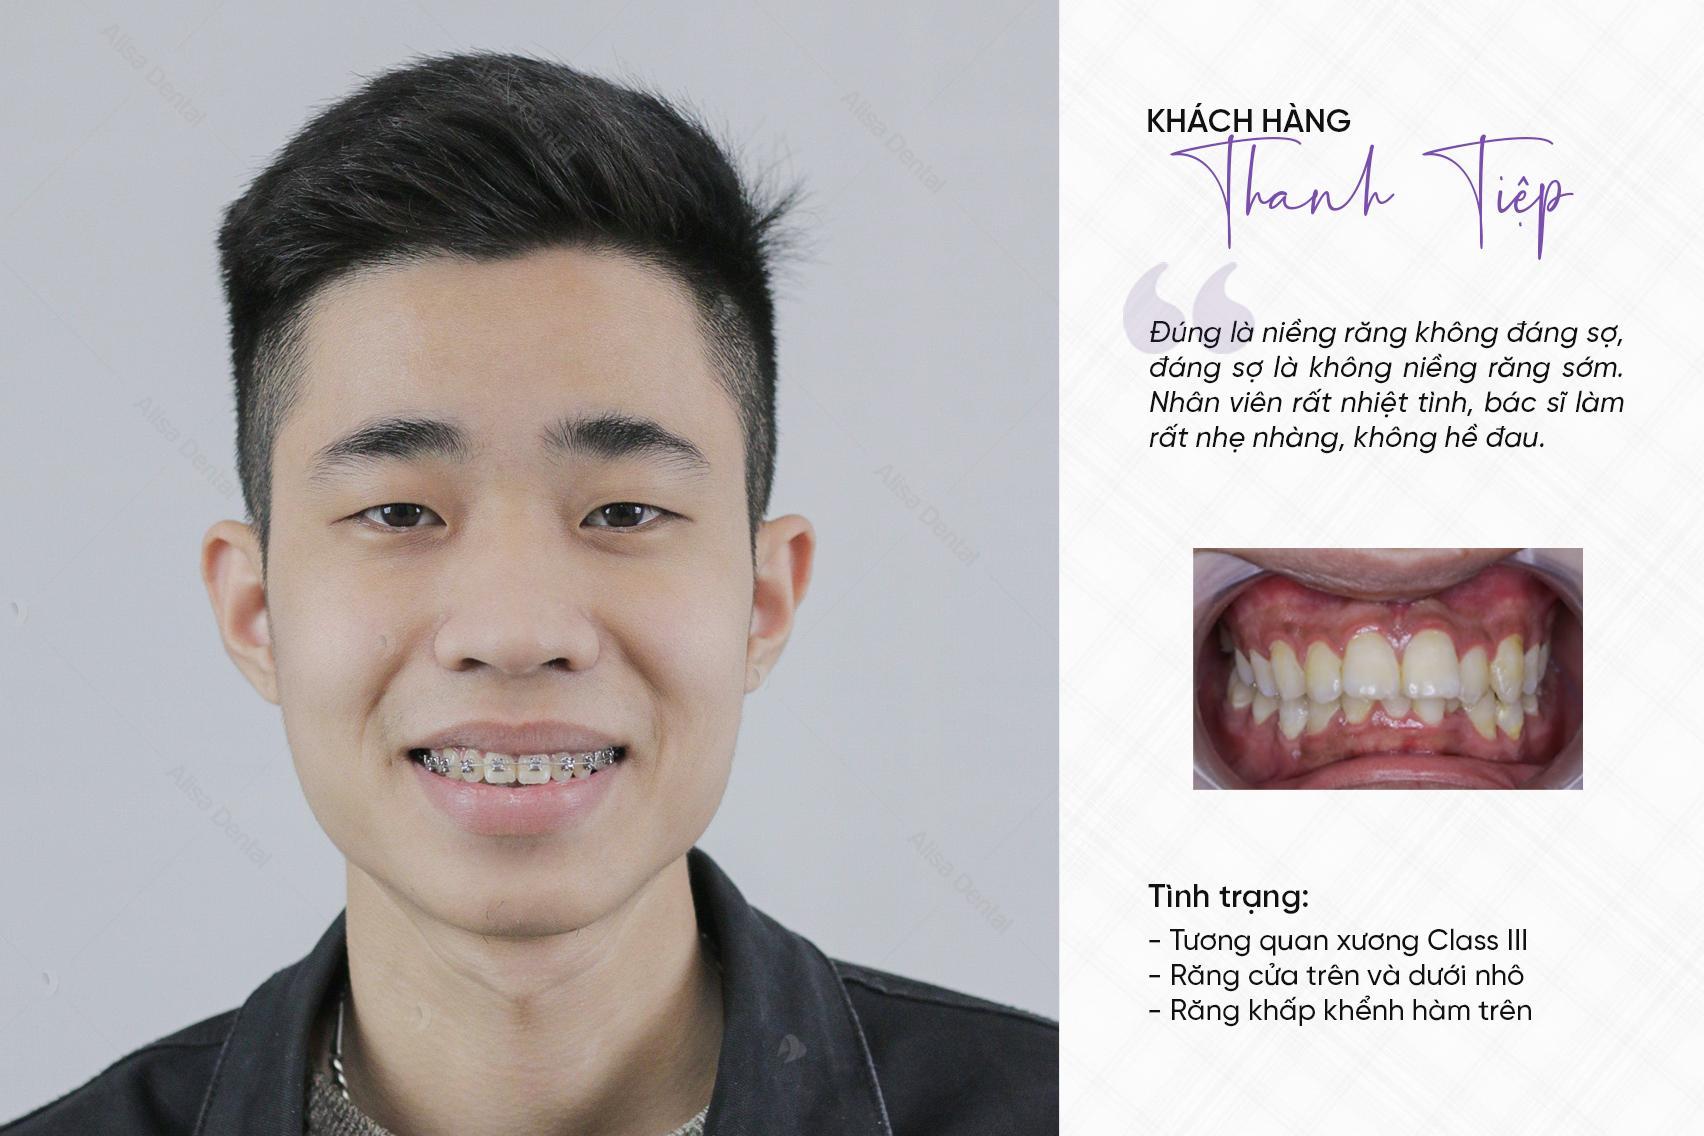 răng hô xấu 7